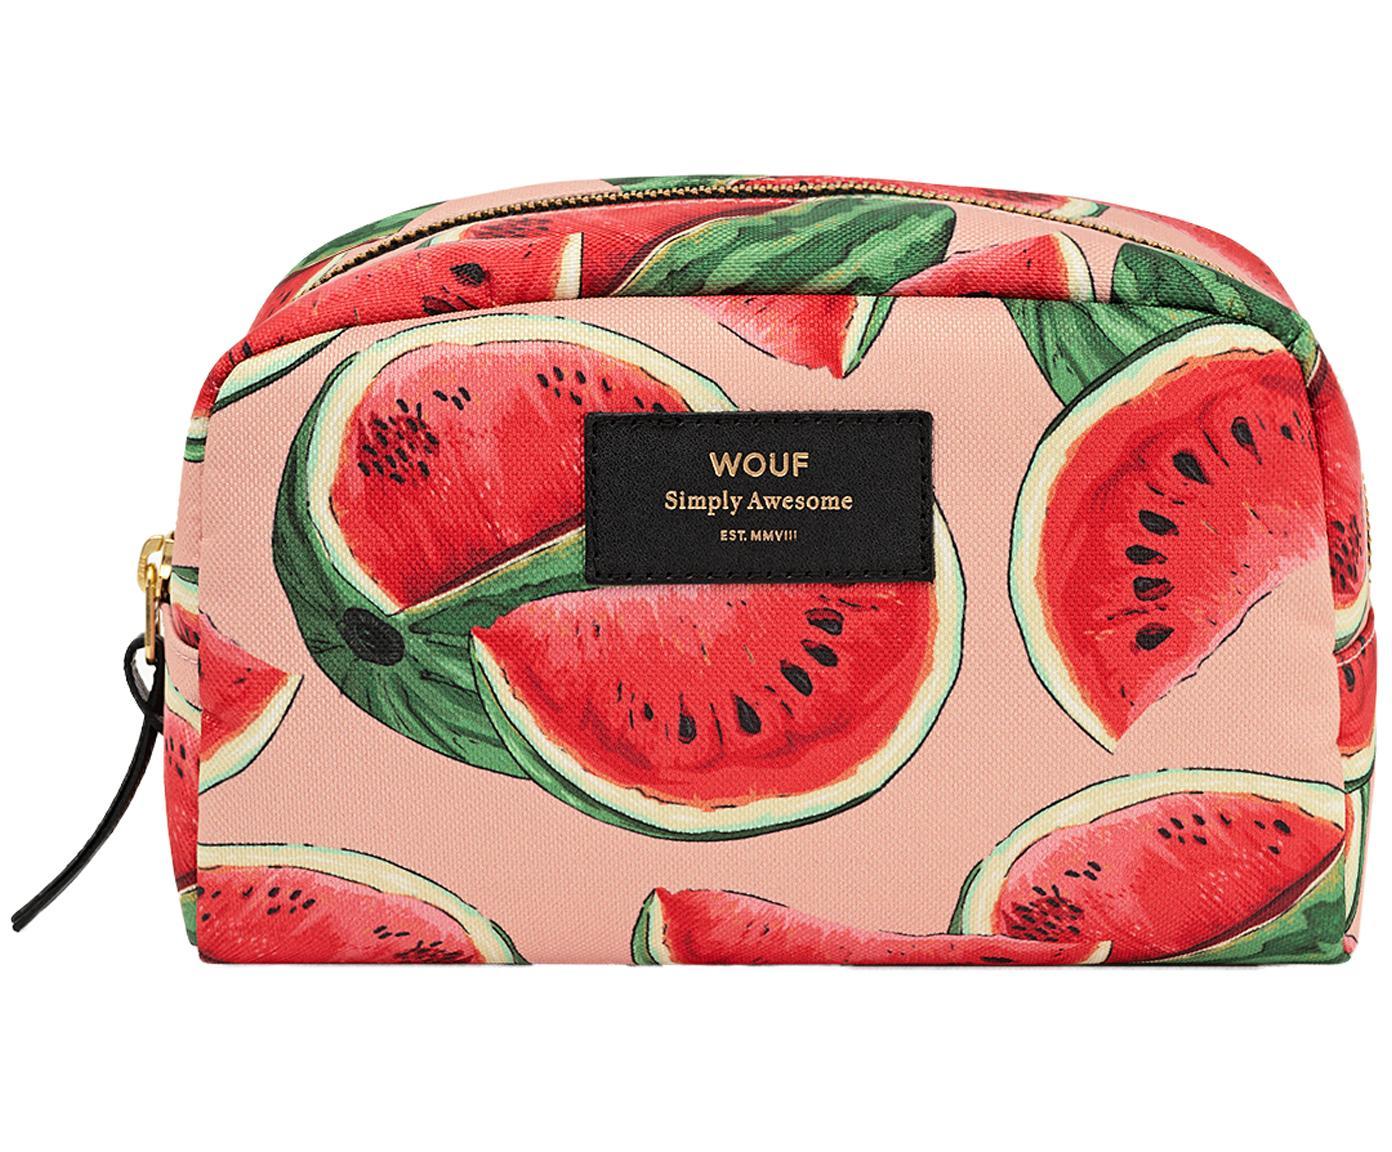 Kosmetiktasche Watermelon mit Innenfach, Rosa, Rot, 21 x 14 cm